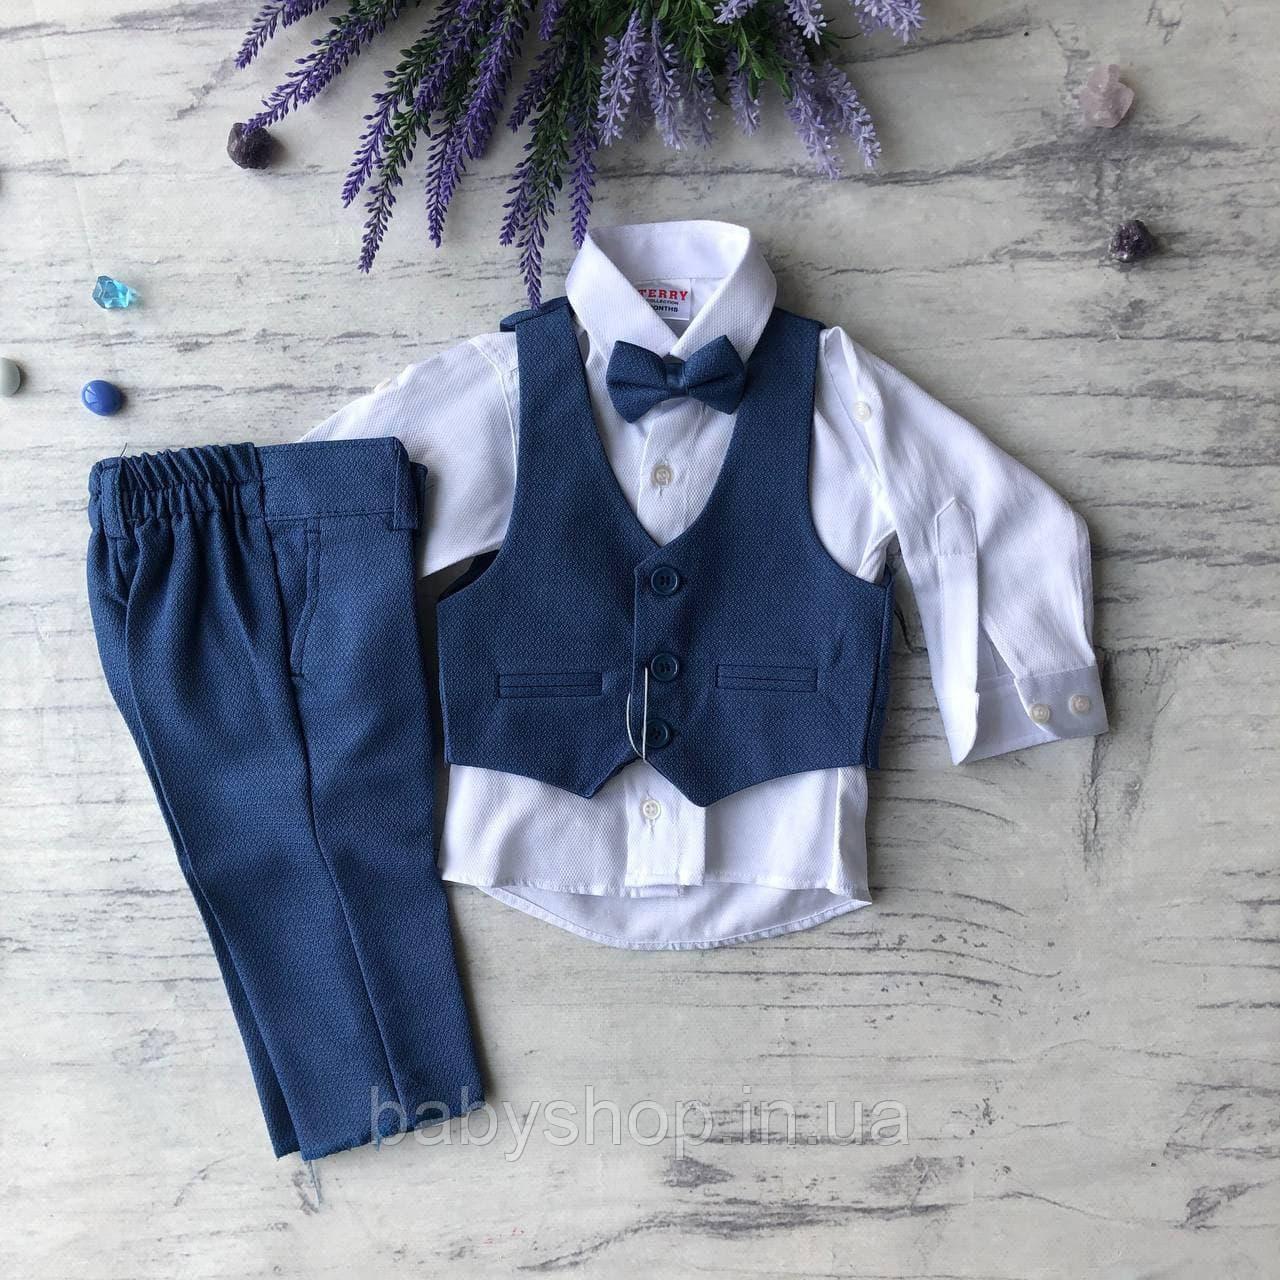 Детский нарядный костюм на мальчика 720. Размер 68 см